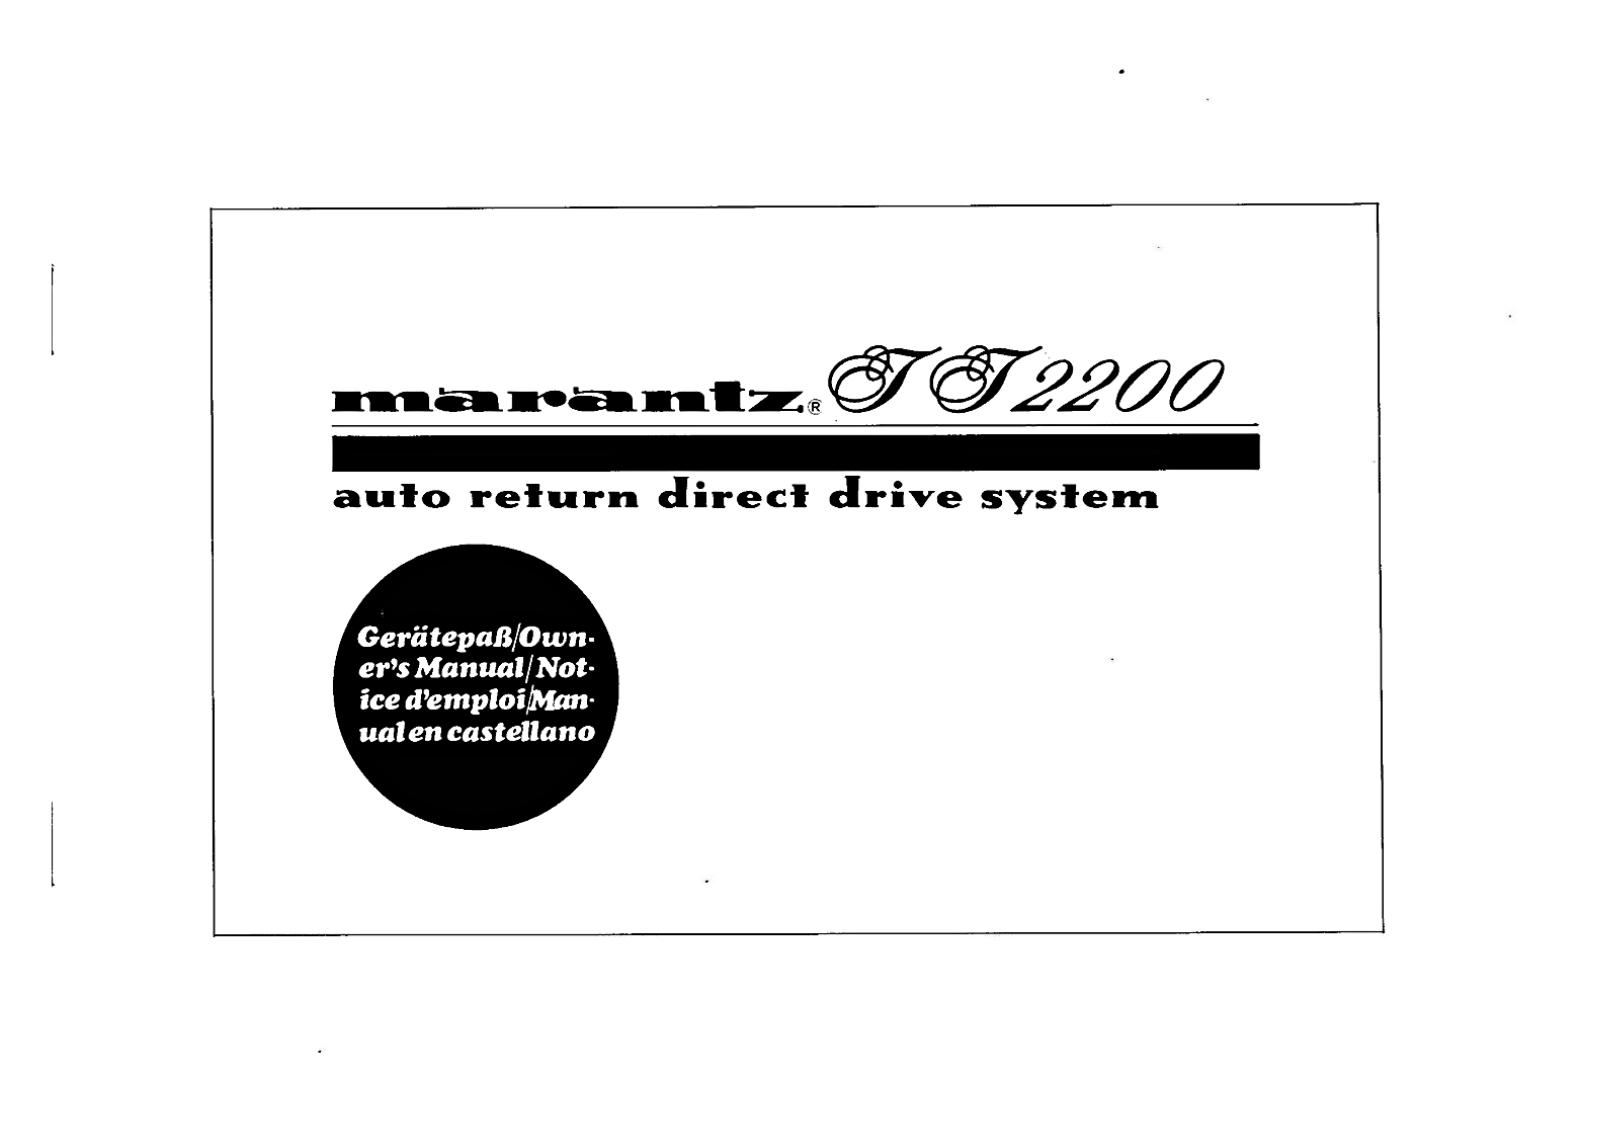 Marantz TT-2200 Owners Manual